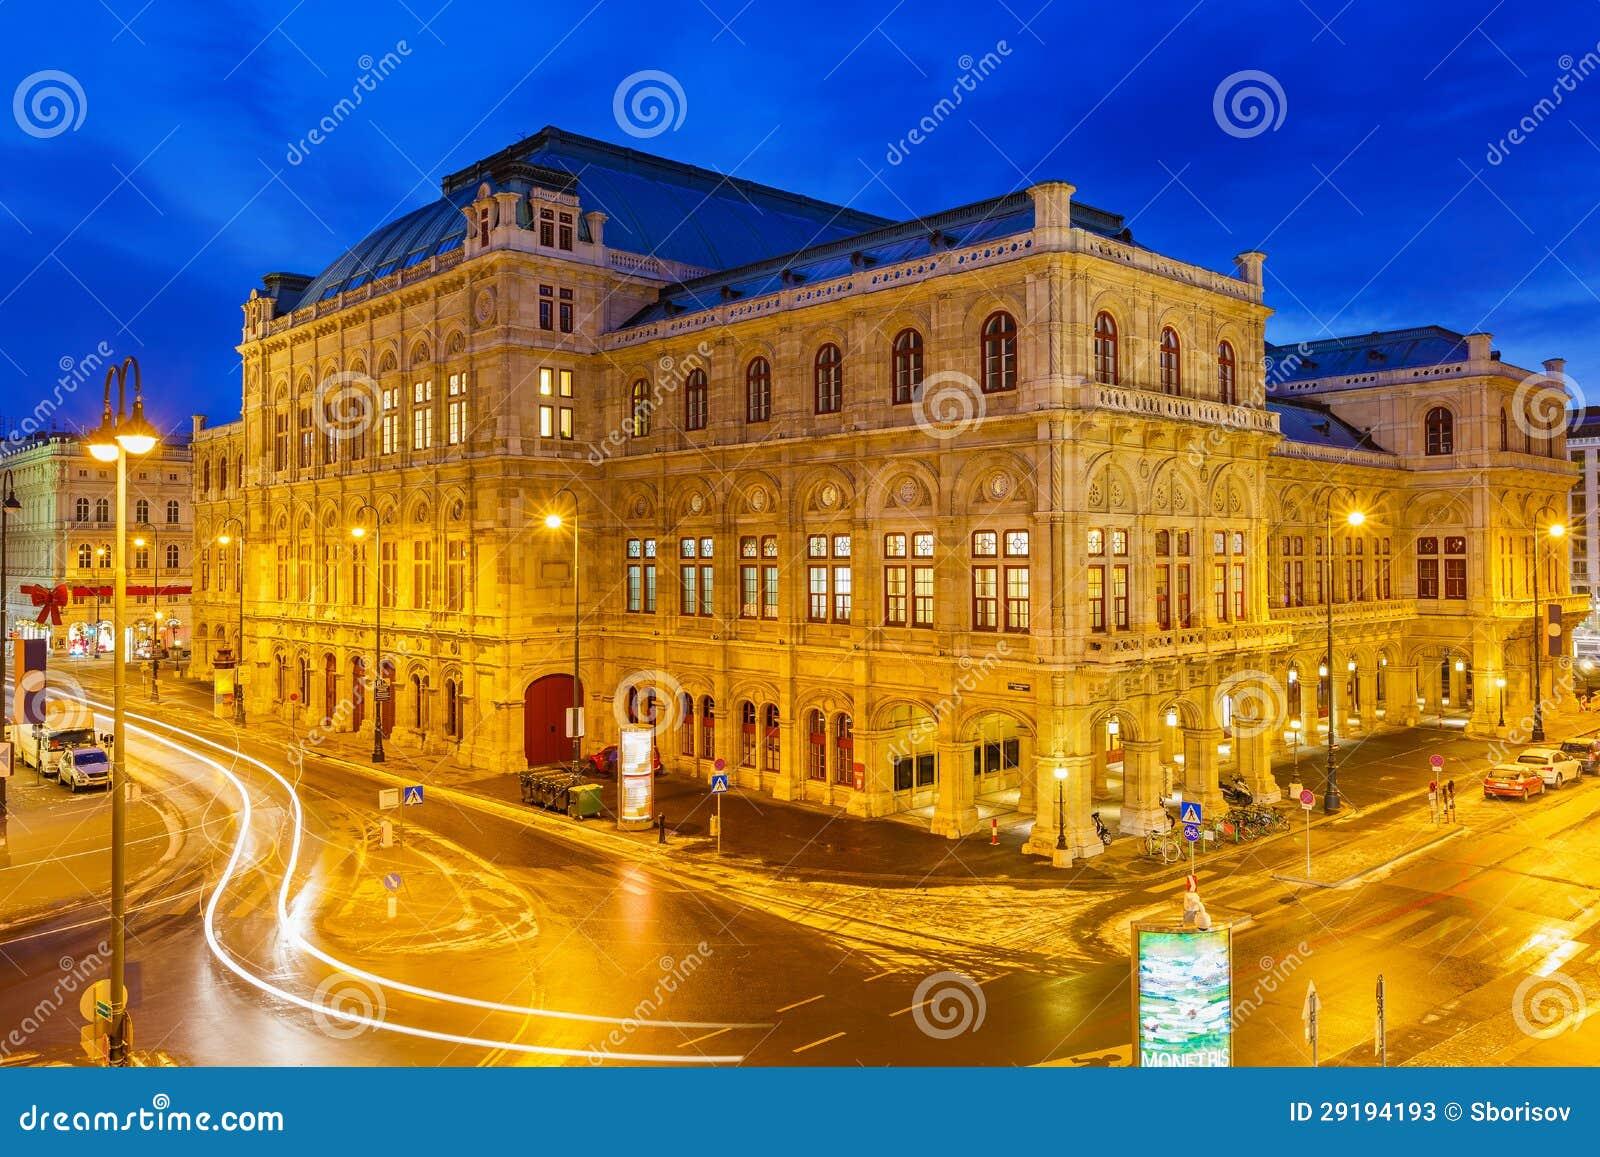 Teatro de la ópera del estado, Viena, Austria